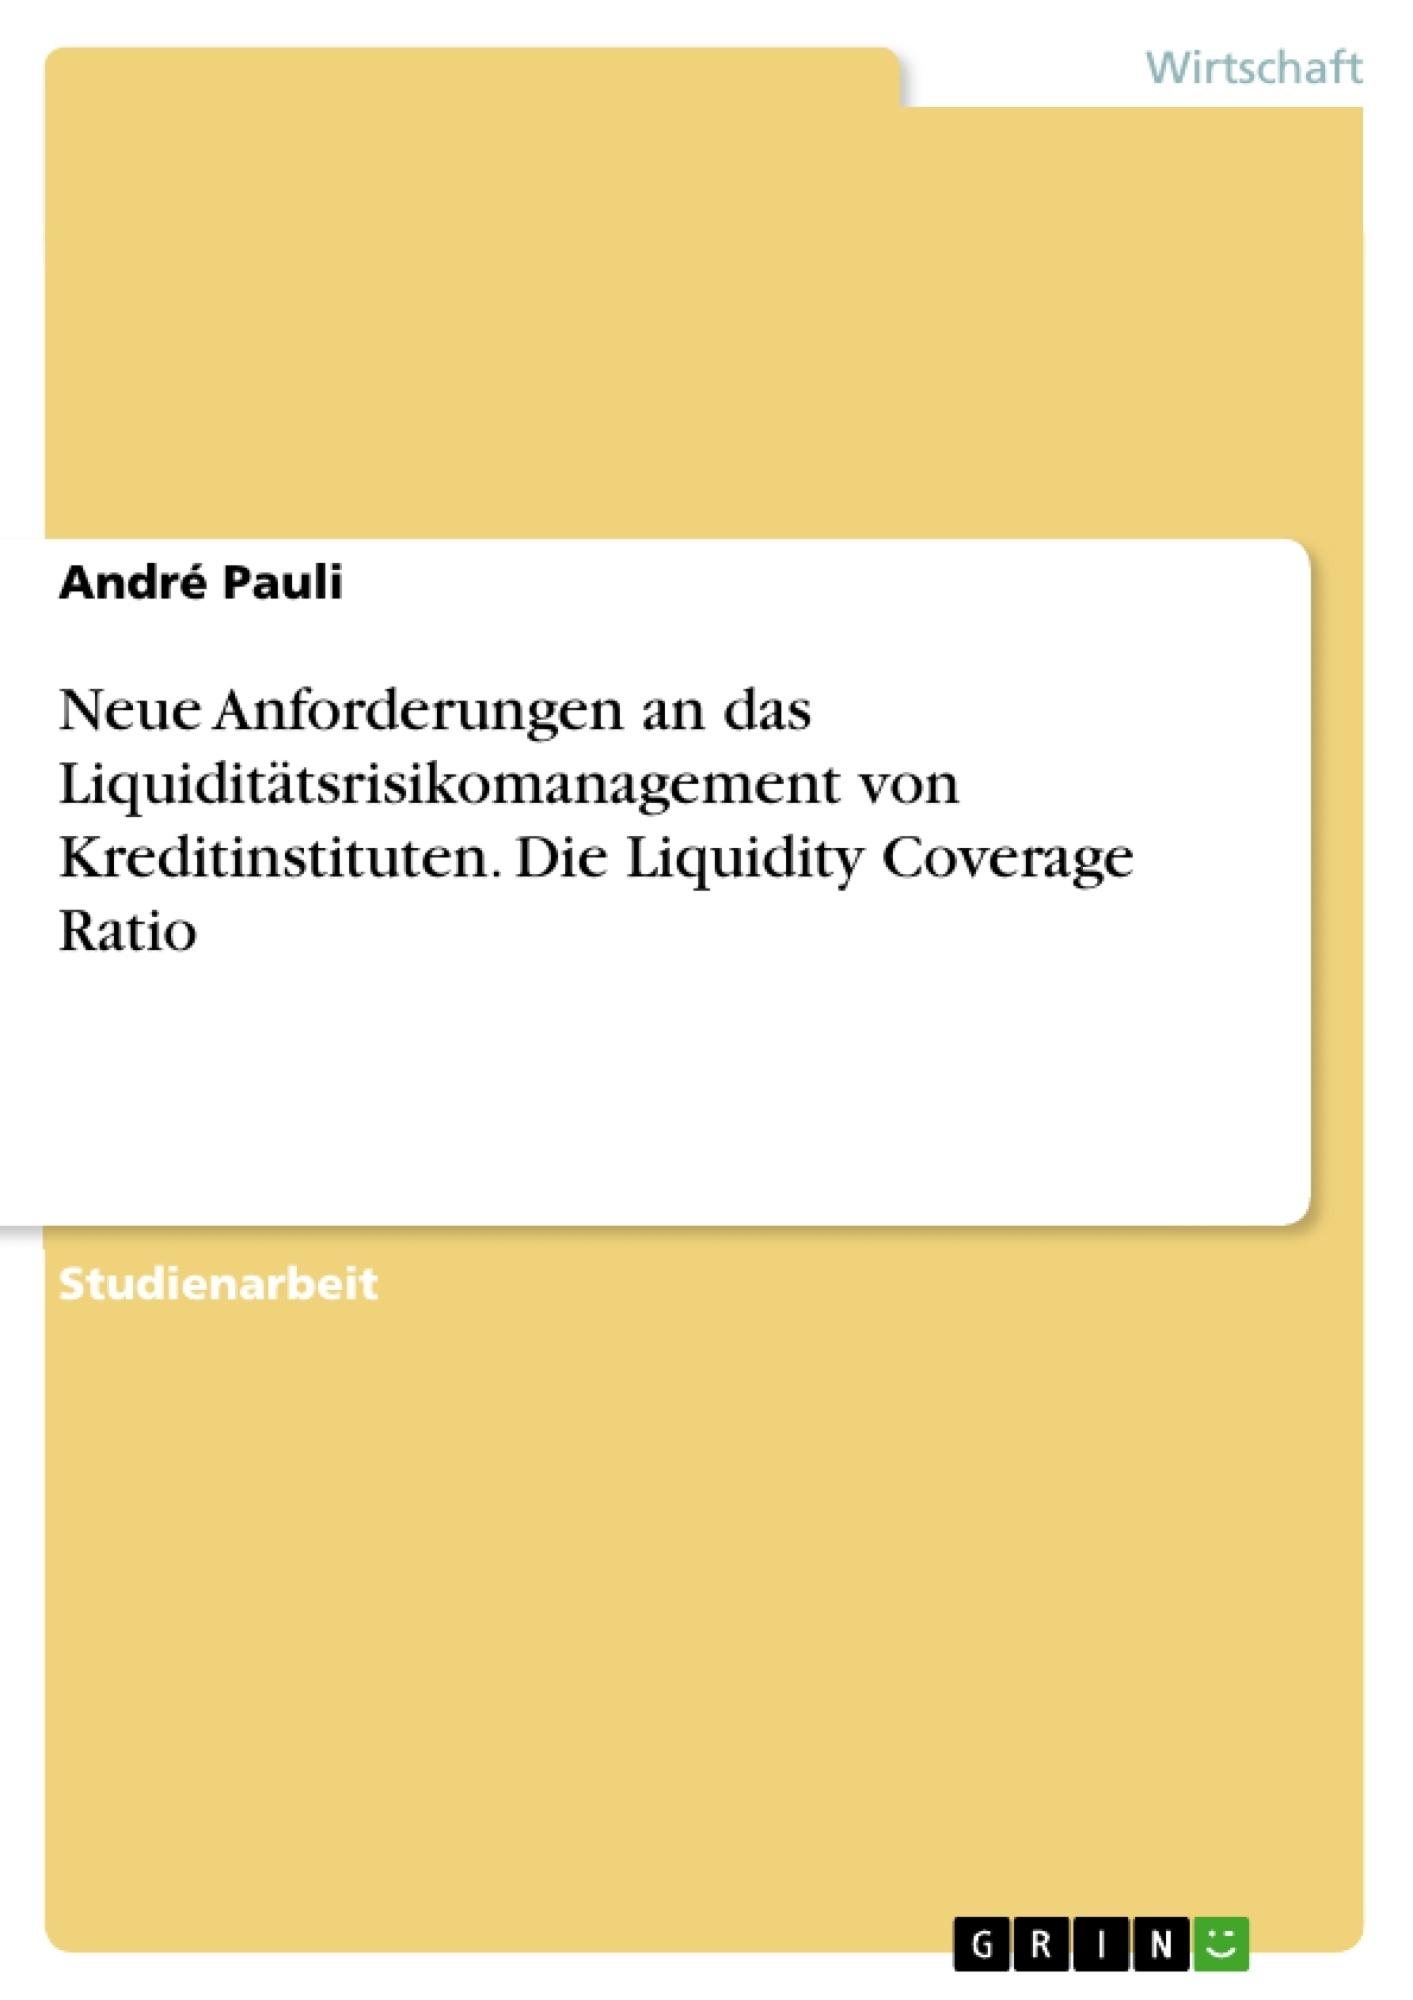 Titel: Neue Anforderungen an das Liquiditätsrisikomanagement von Kreditinstituten. Die Liquidity Coverage Ratio